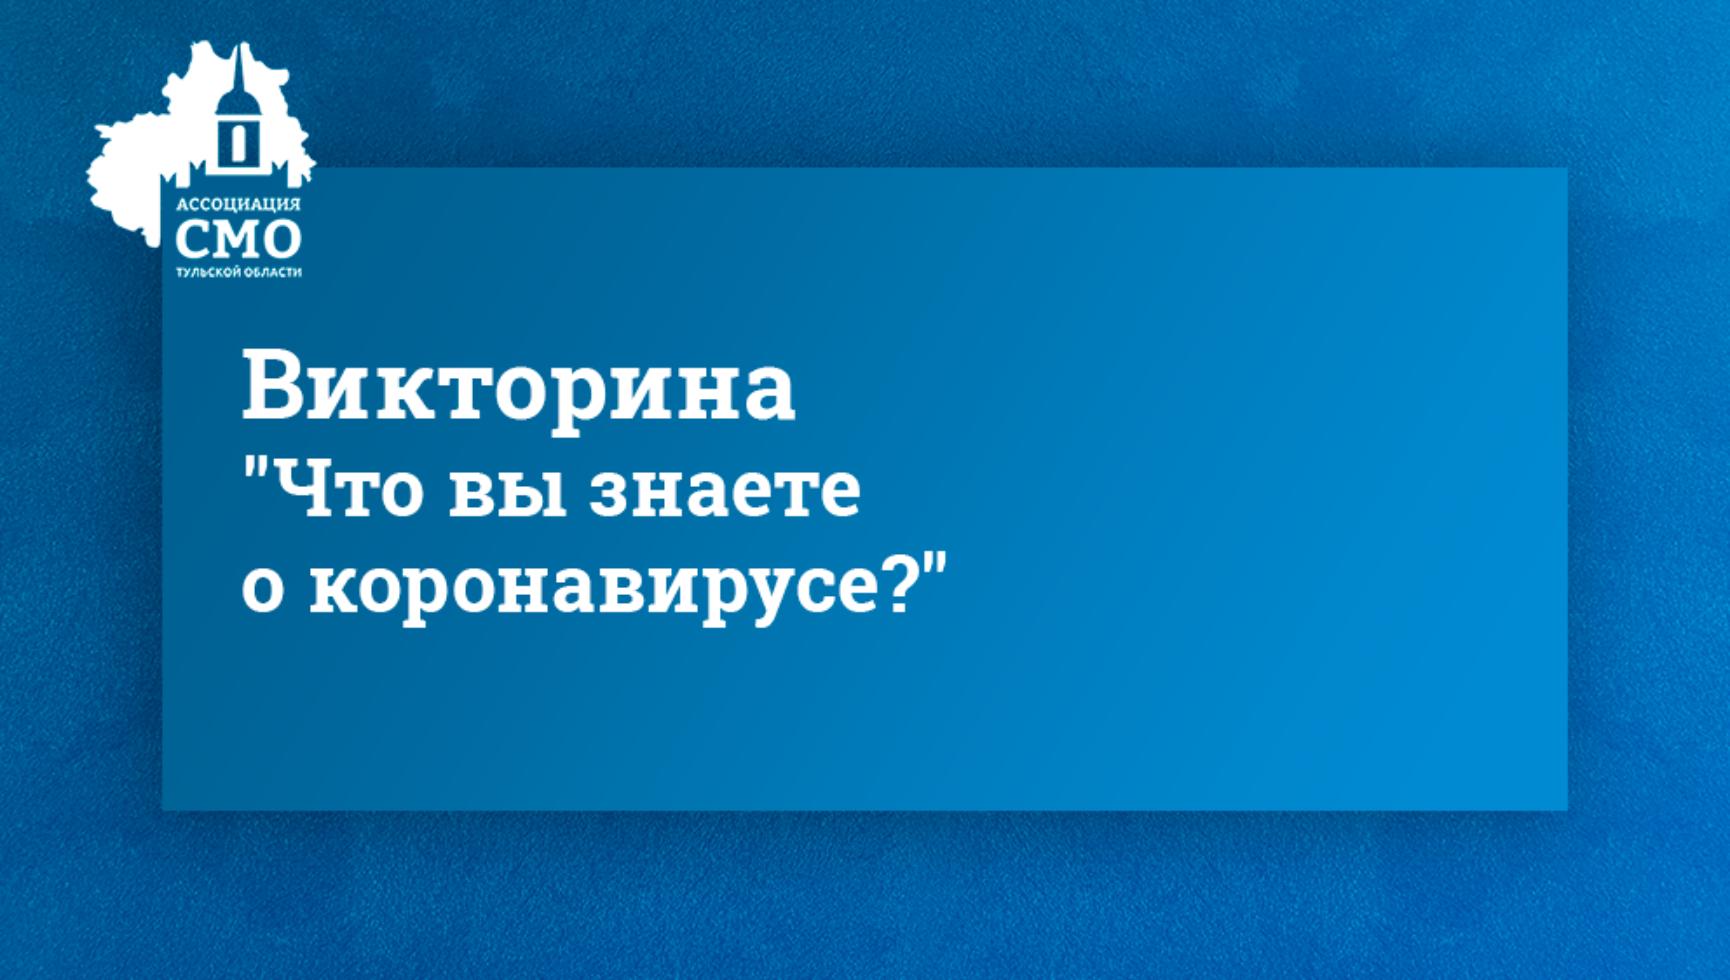 Викторина «Что вы знаете о коронавирусе?»